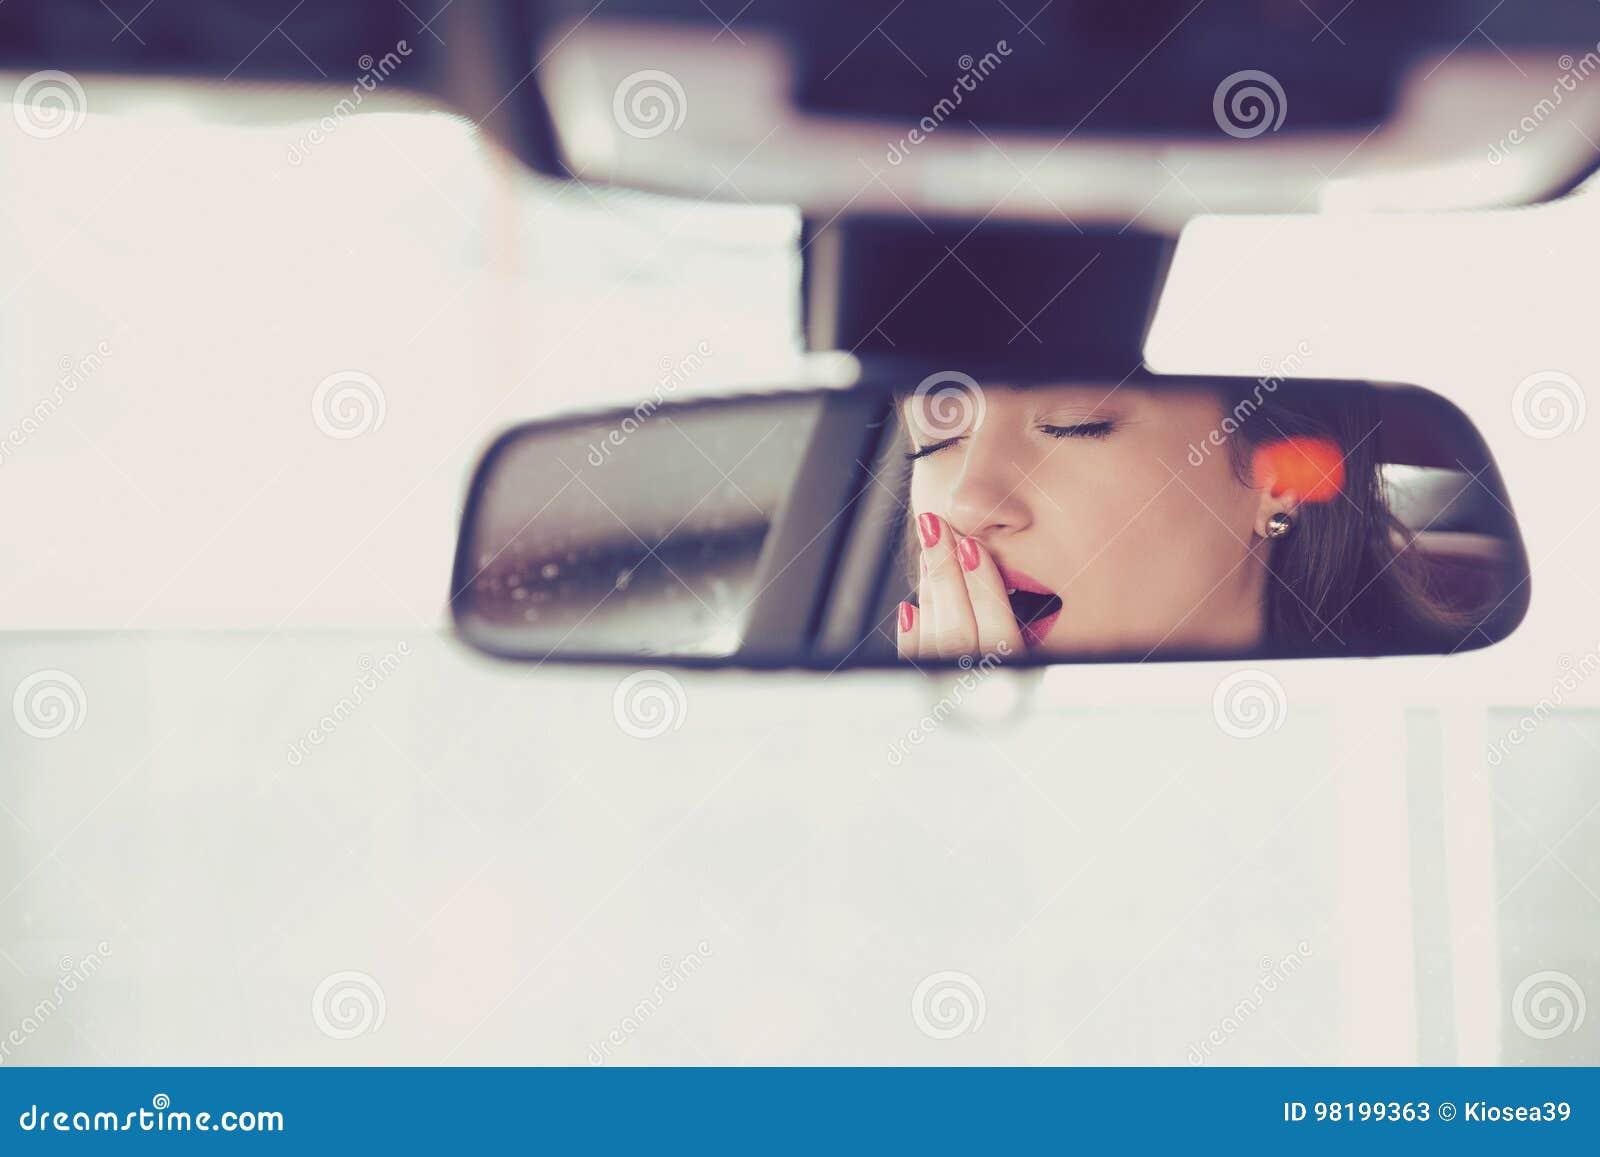 Hintere Spiegelansicht einer schläfrigen gähnenden Frau, die ihr Auto nach Antrieb der langen Stunde fährt